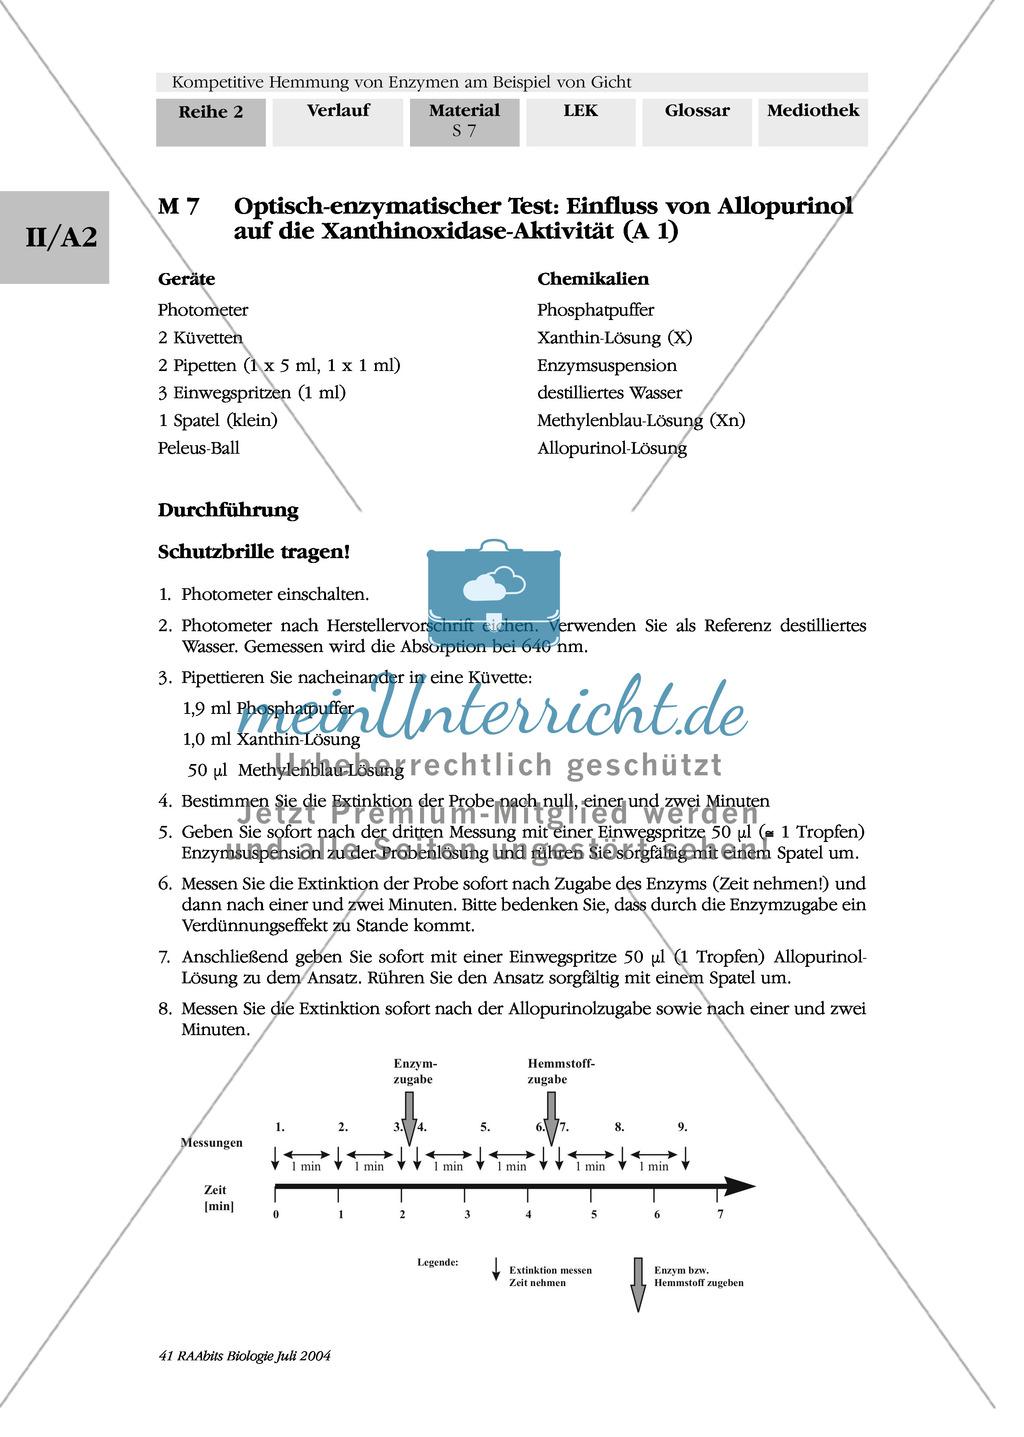 Kompetetive Hemmung von Enzymen am Beispiel der Gicht: Untersuchung von Stoffen auf ihre Eignung als Gichtmedikament anhand von Photometerversuchen Preview 1